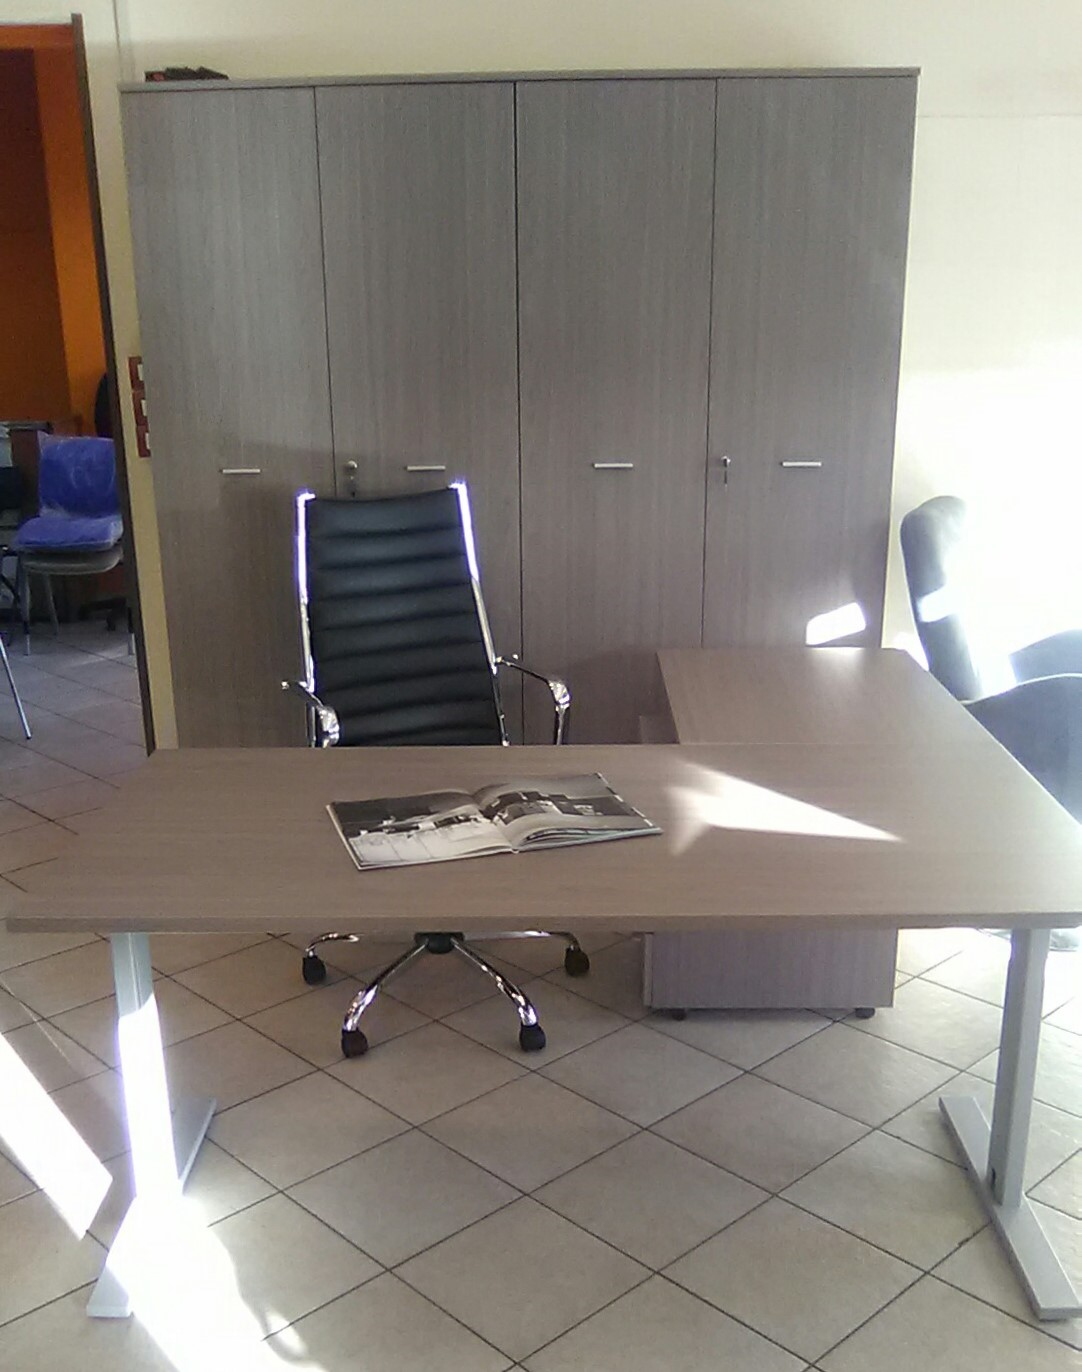 Ufficio operativo arredo in stile napoli for Design ufficio napoli